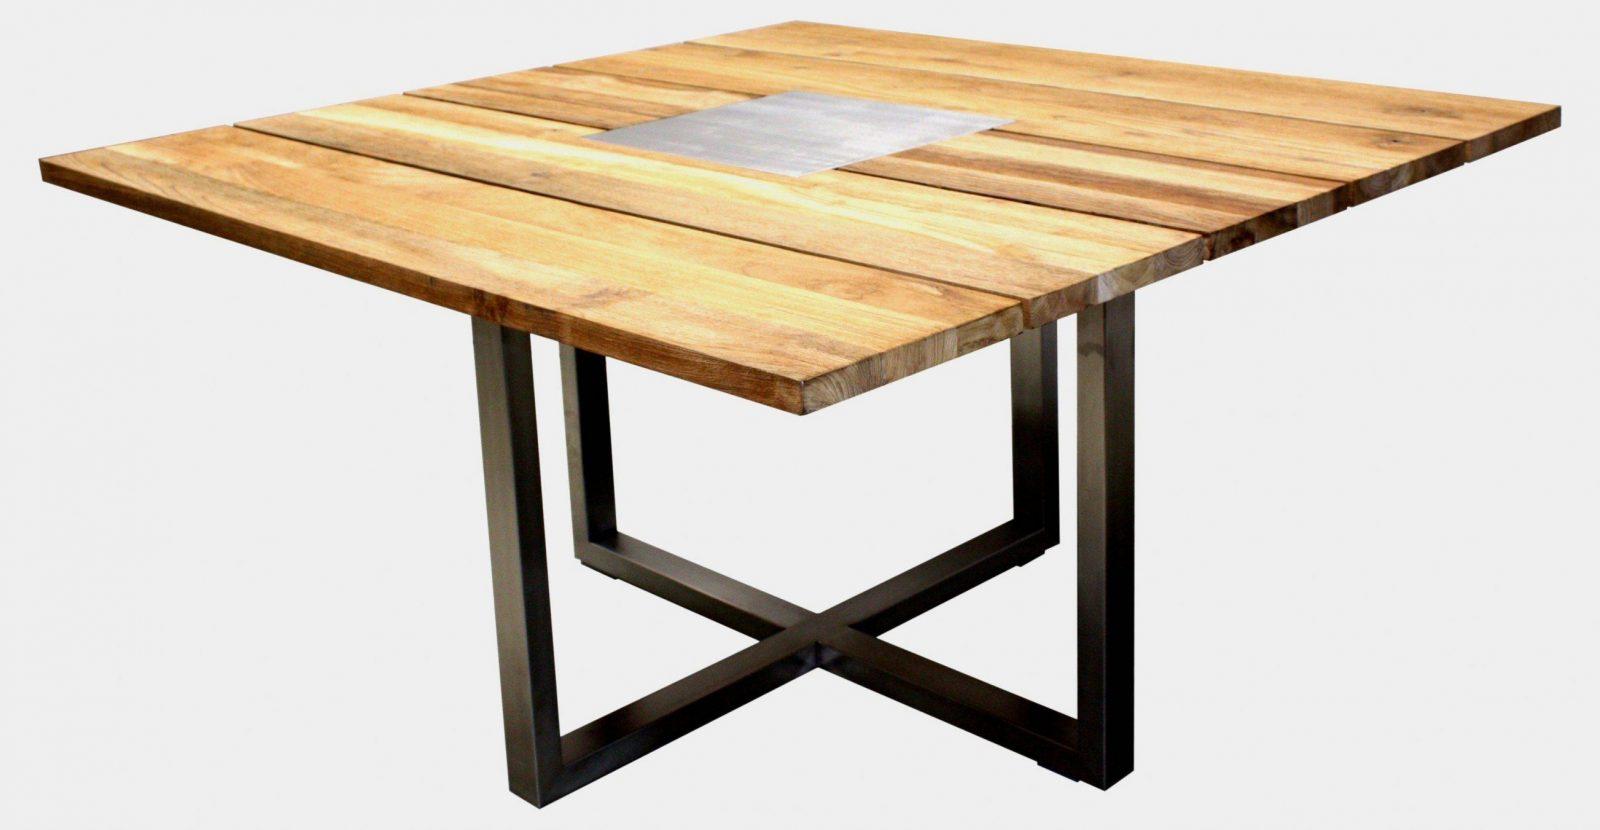 Einzigartig Runder Esstisch Für 8 Personen 2017 Zuhause Inspiration von Quadratischer Esstisch Für 8 Personen Bild